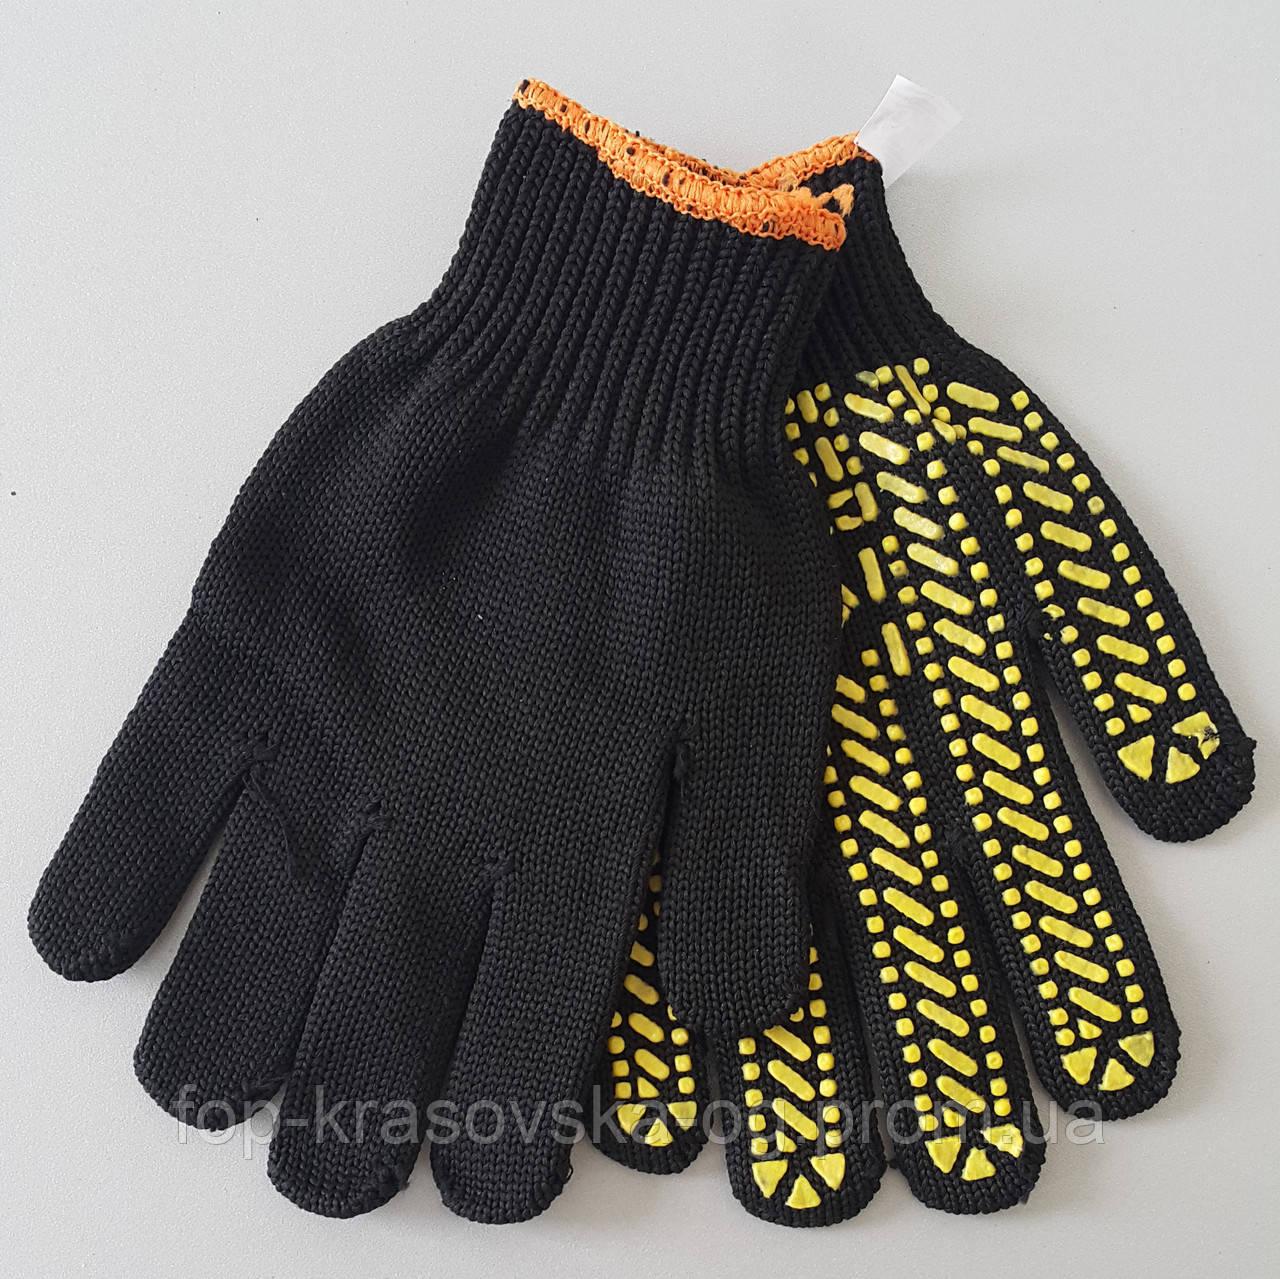 Перчатка трикотажная С1 (Желтый ПВХ)